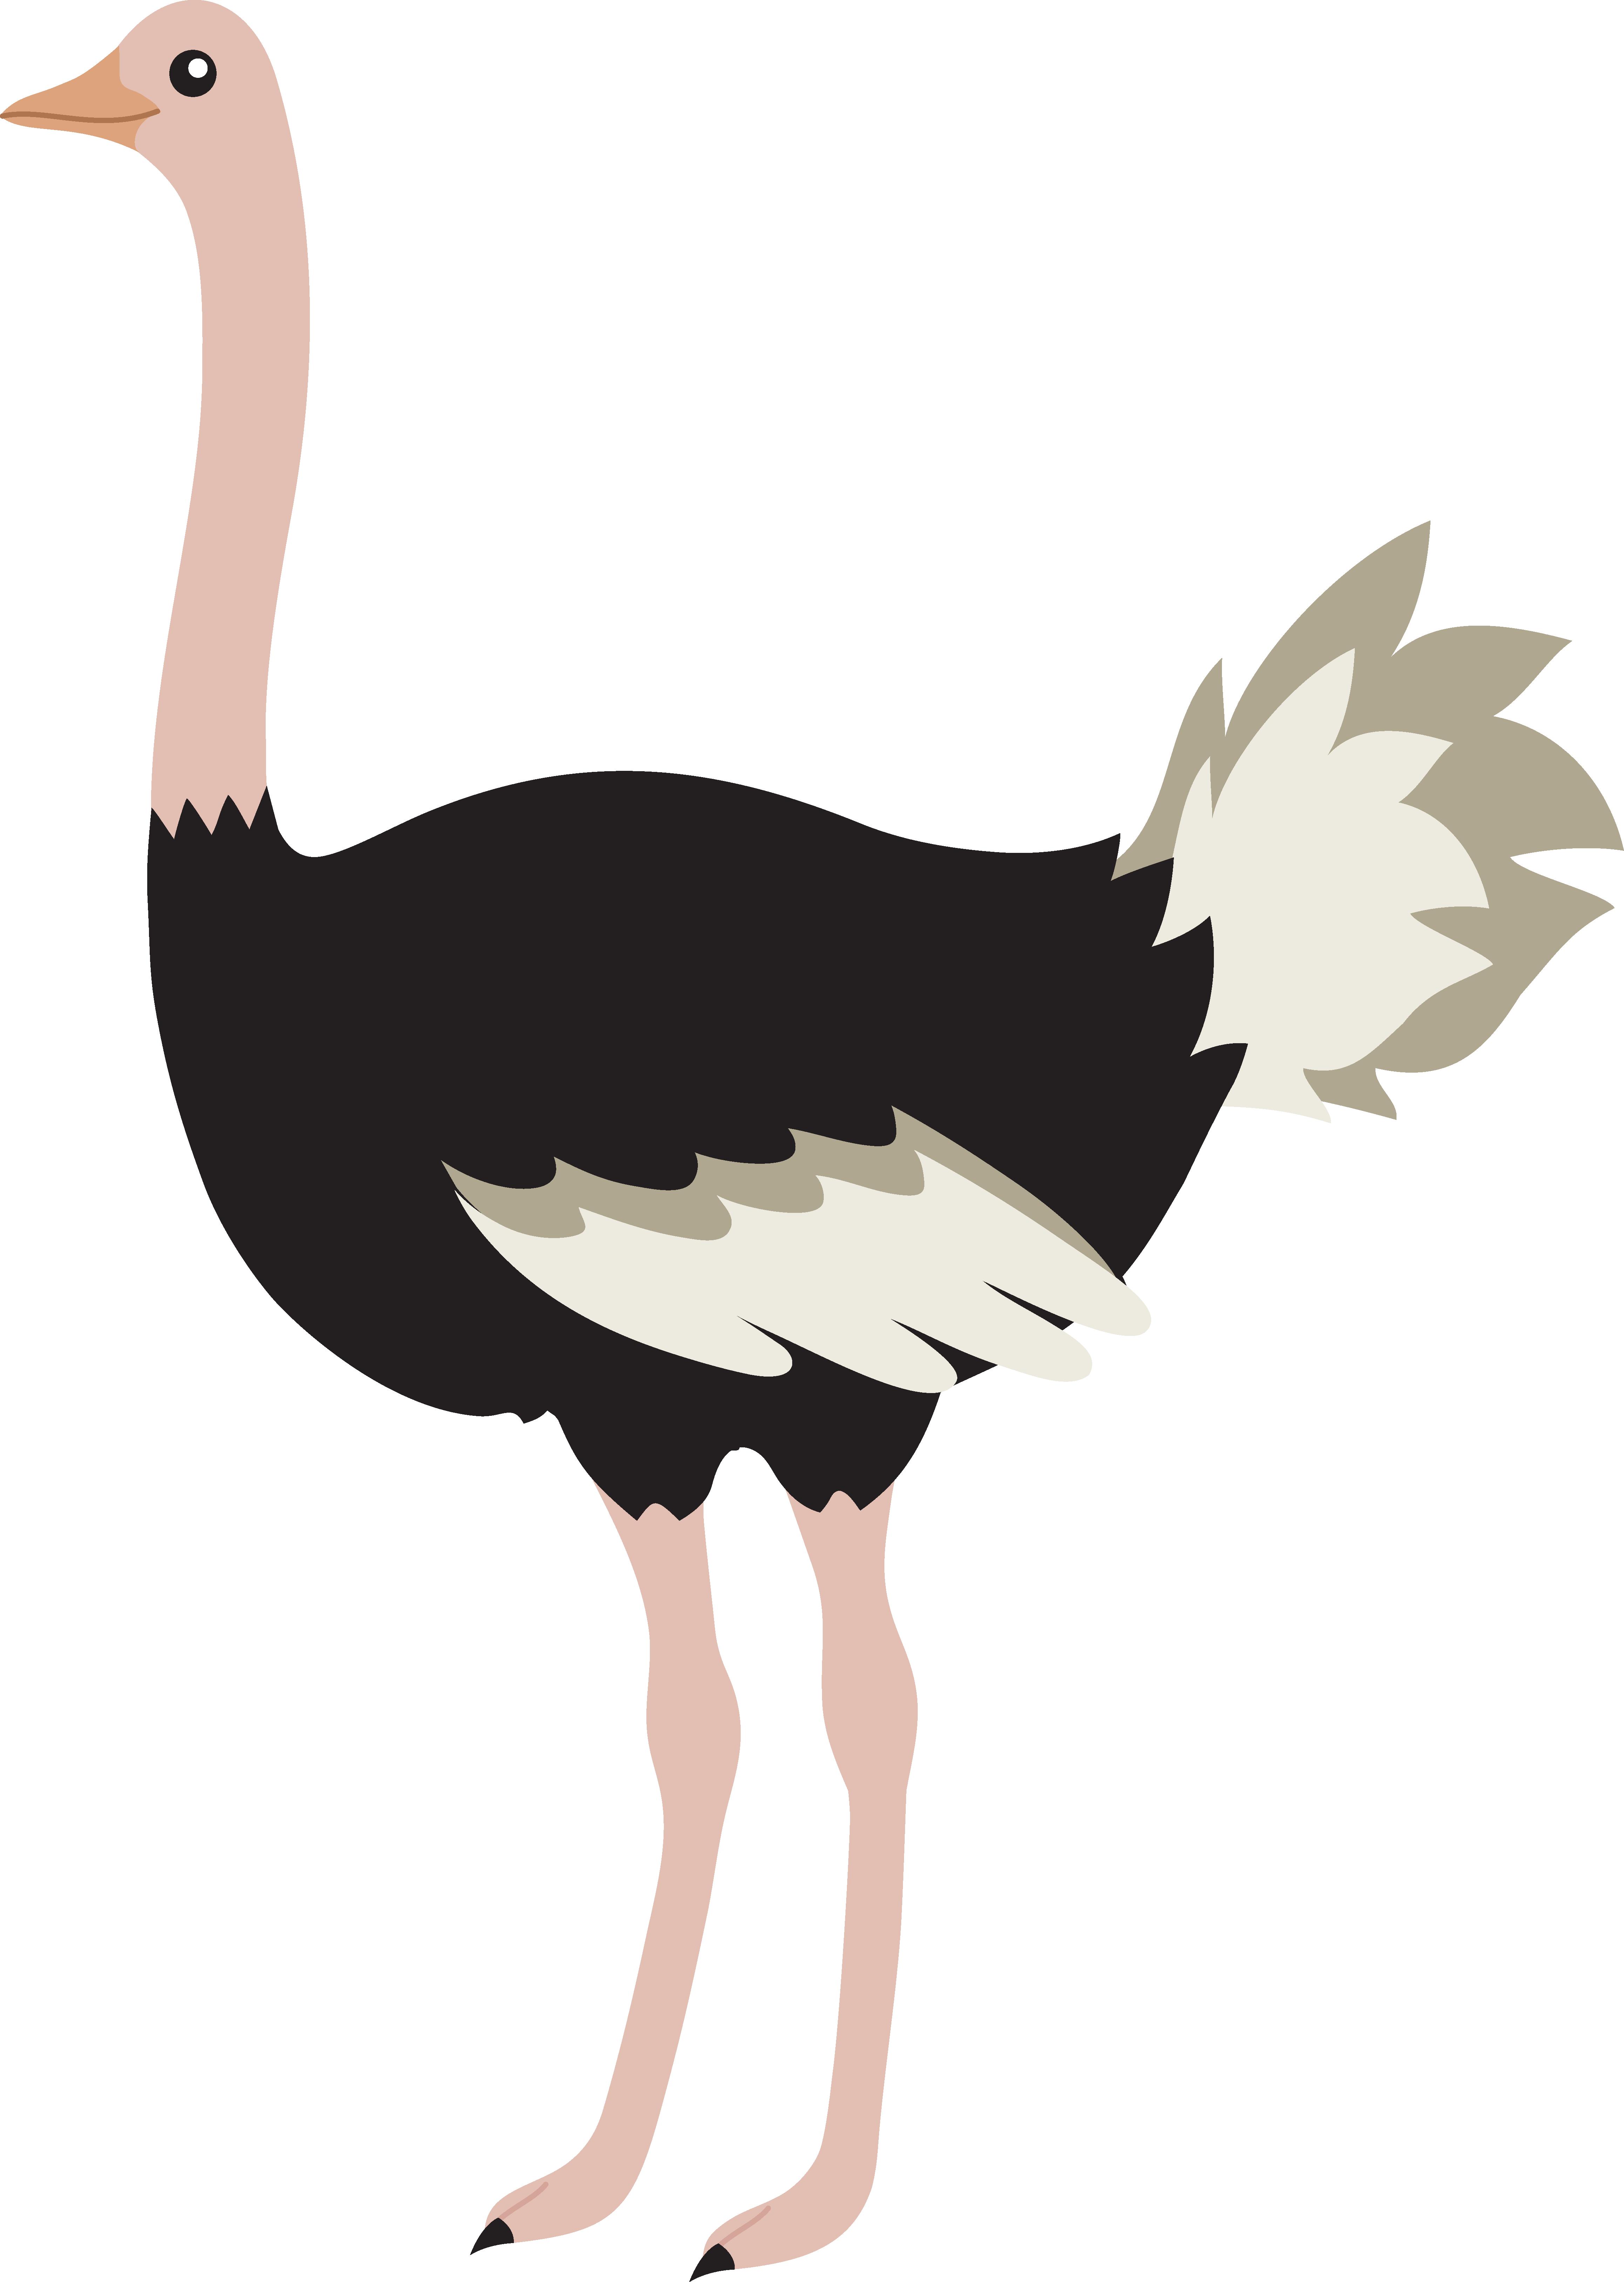 Queen clipart gambar. Cute ostrich bird free